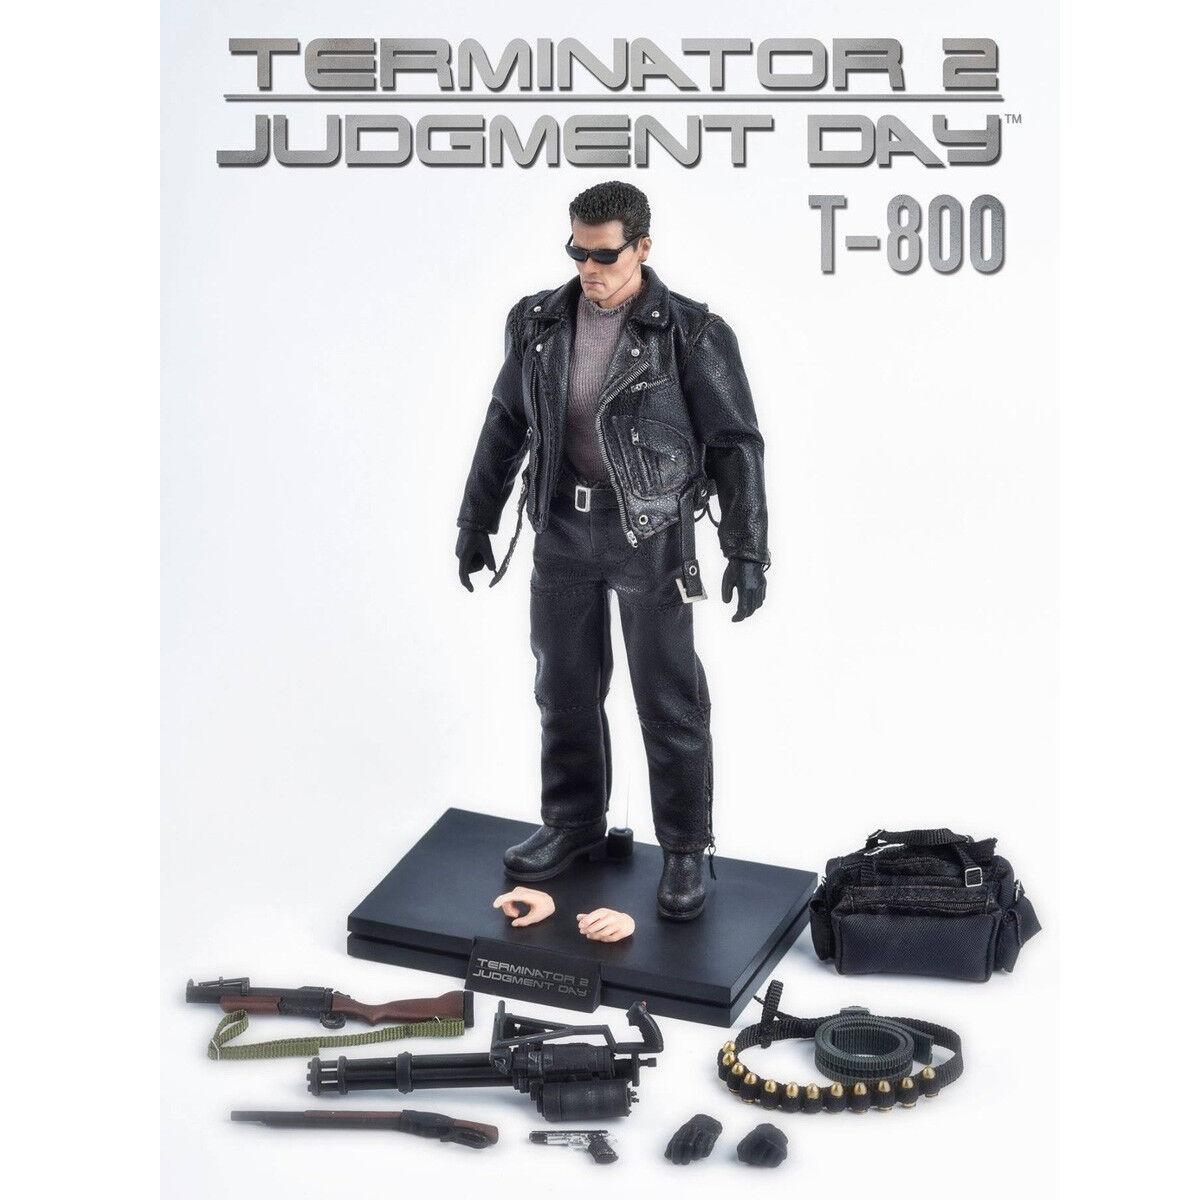 Great Twins 1 12th Terminator 2 Judgement Judgement Judgement Day T-800 Arnold neroenegger cifra f25c56